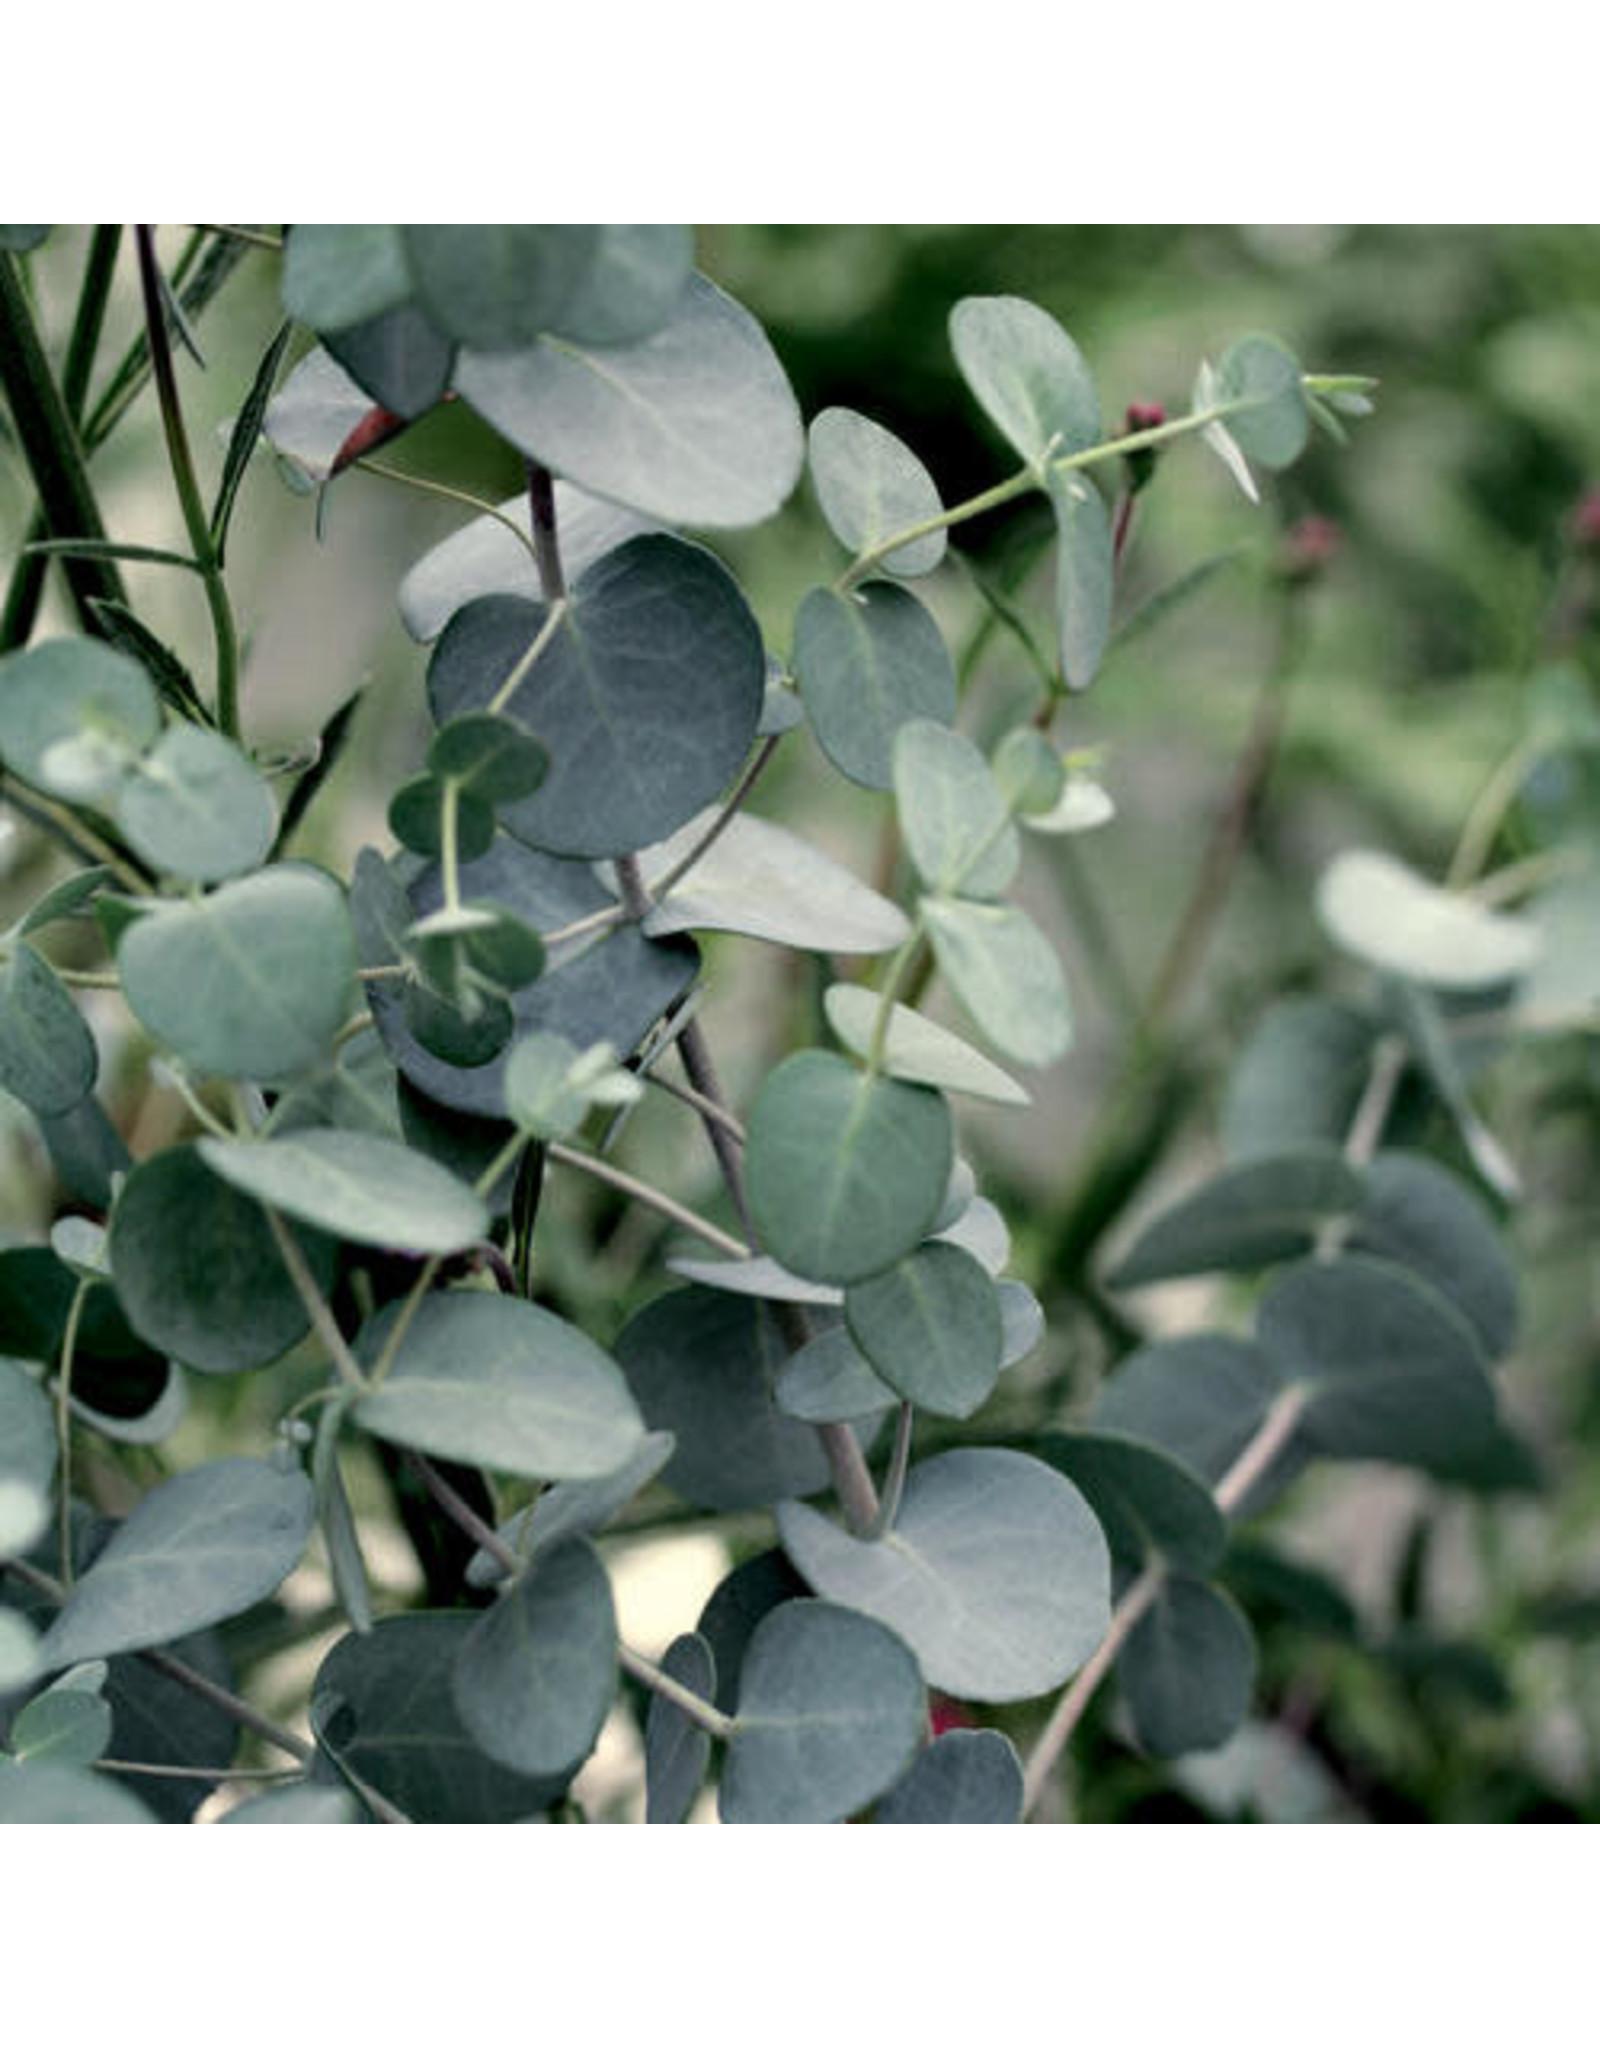 Eucalyptus - Eucalyptus gunnii 'Silver Drop' #1